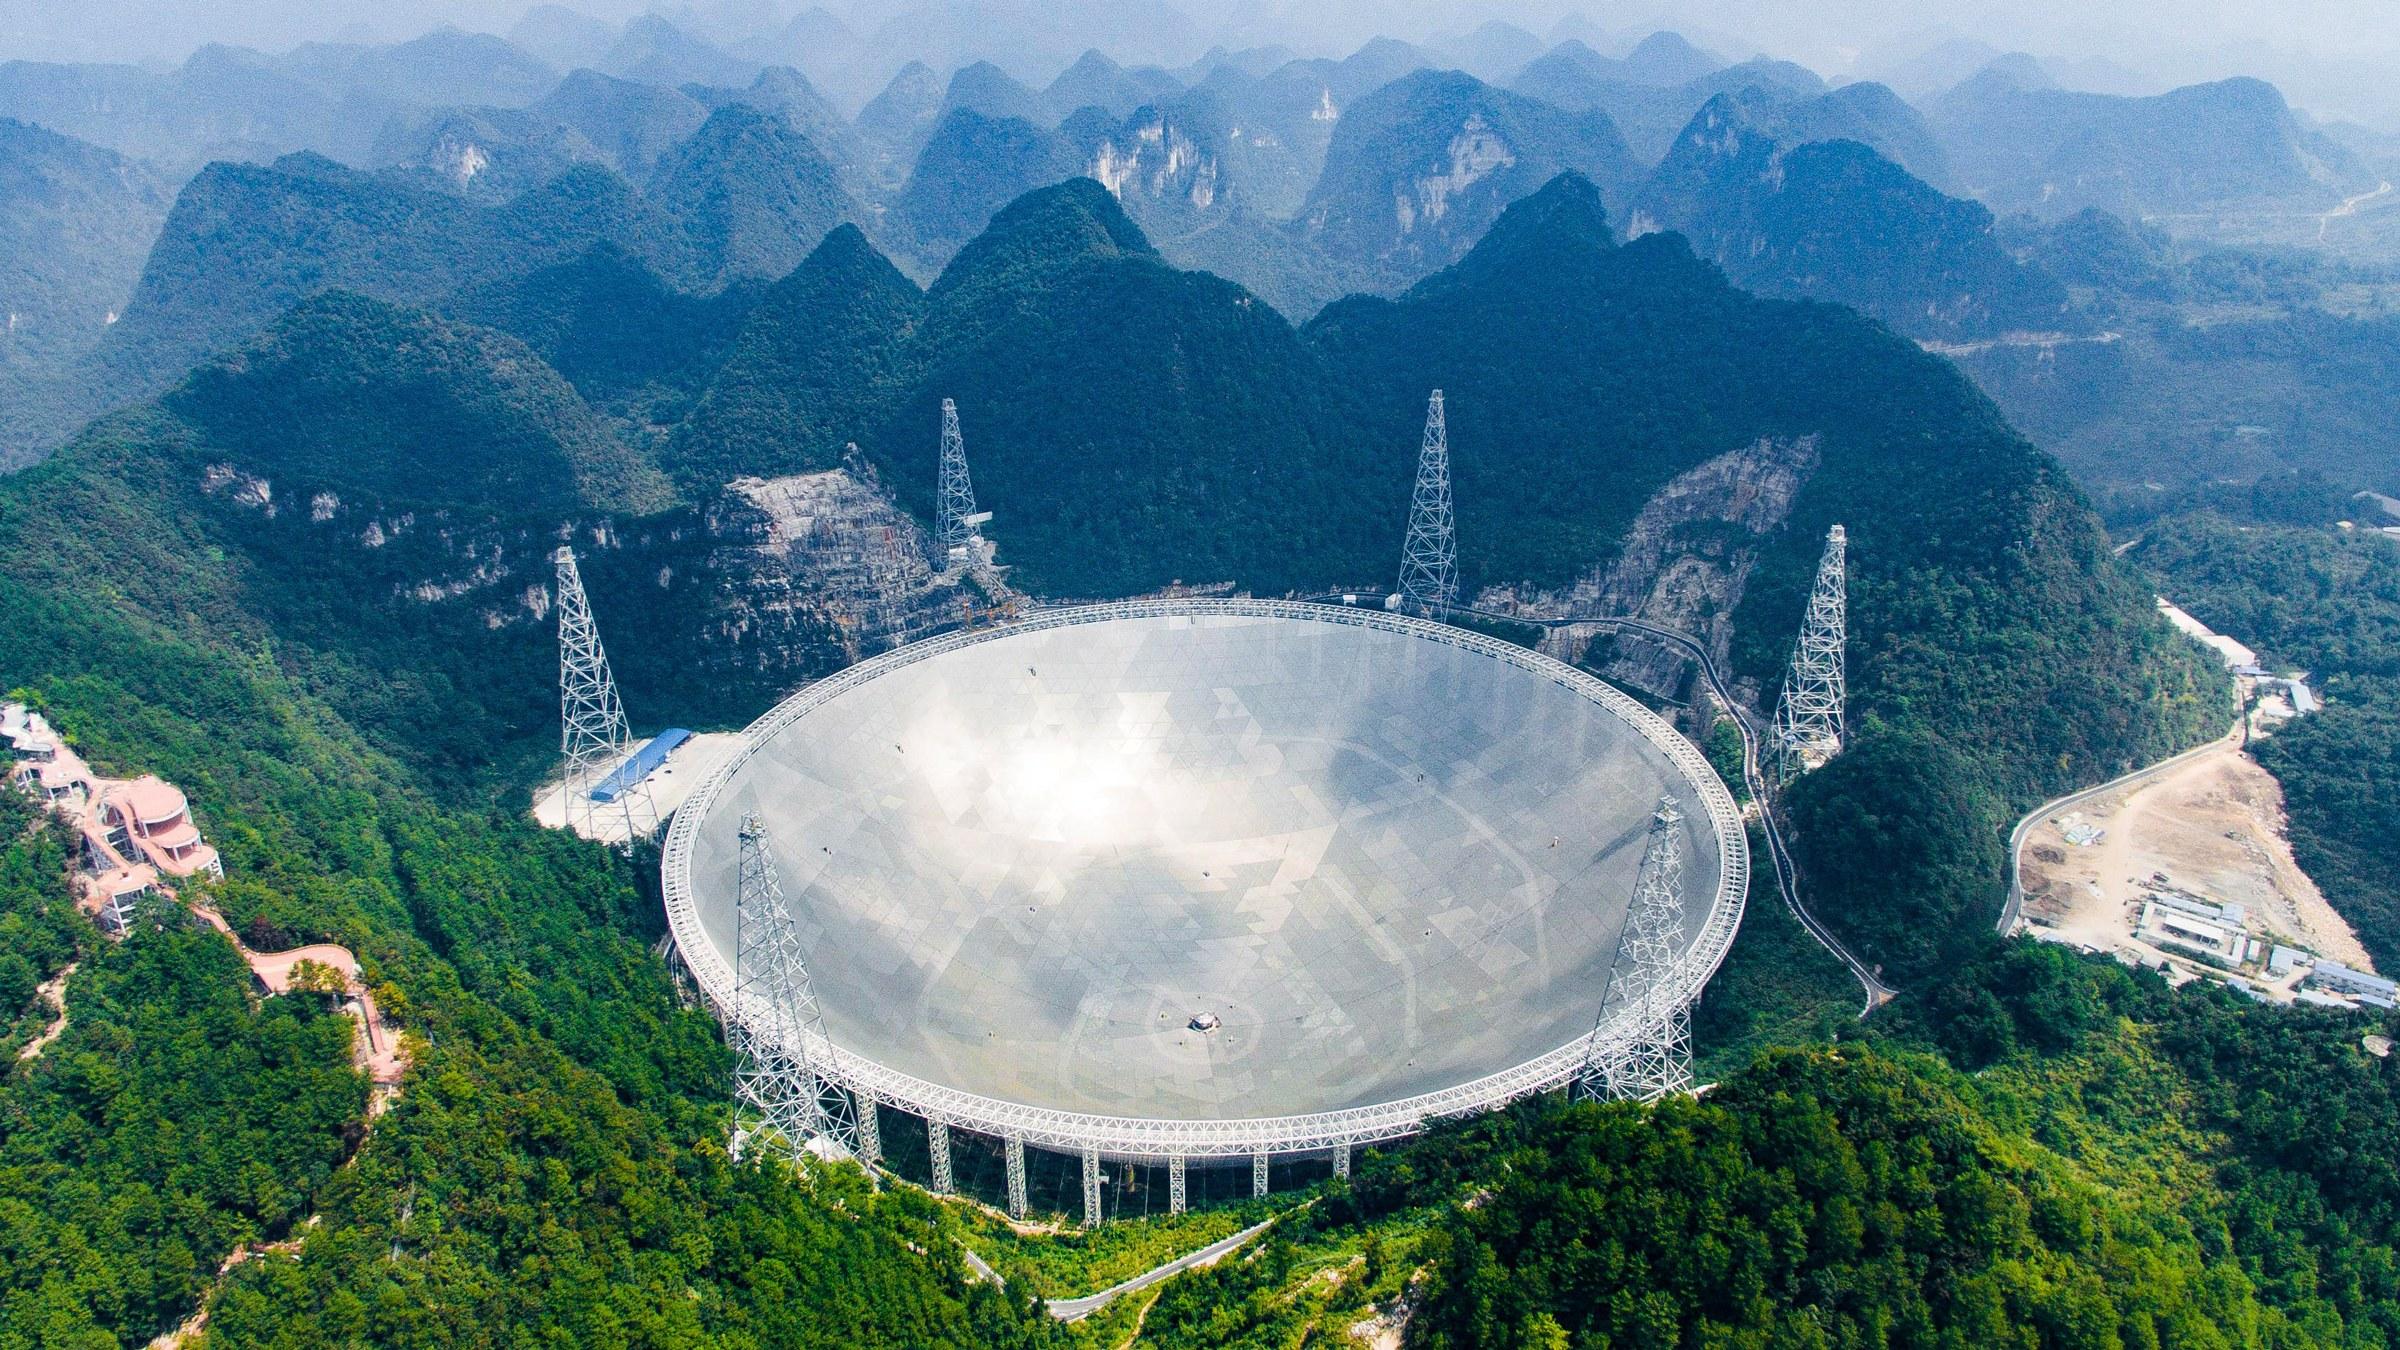 Dünyanın en büyük teleskobu FAST iş başında - ShiftDelete.Net